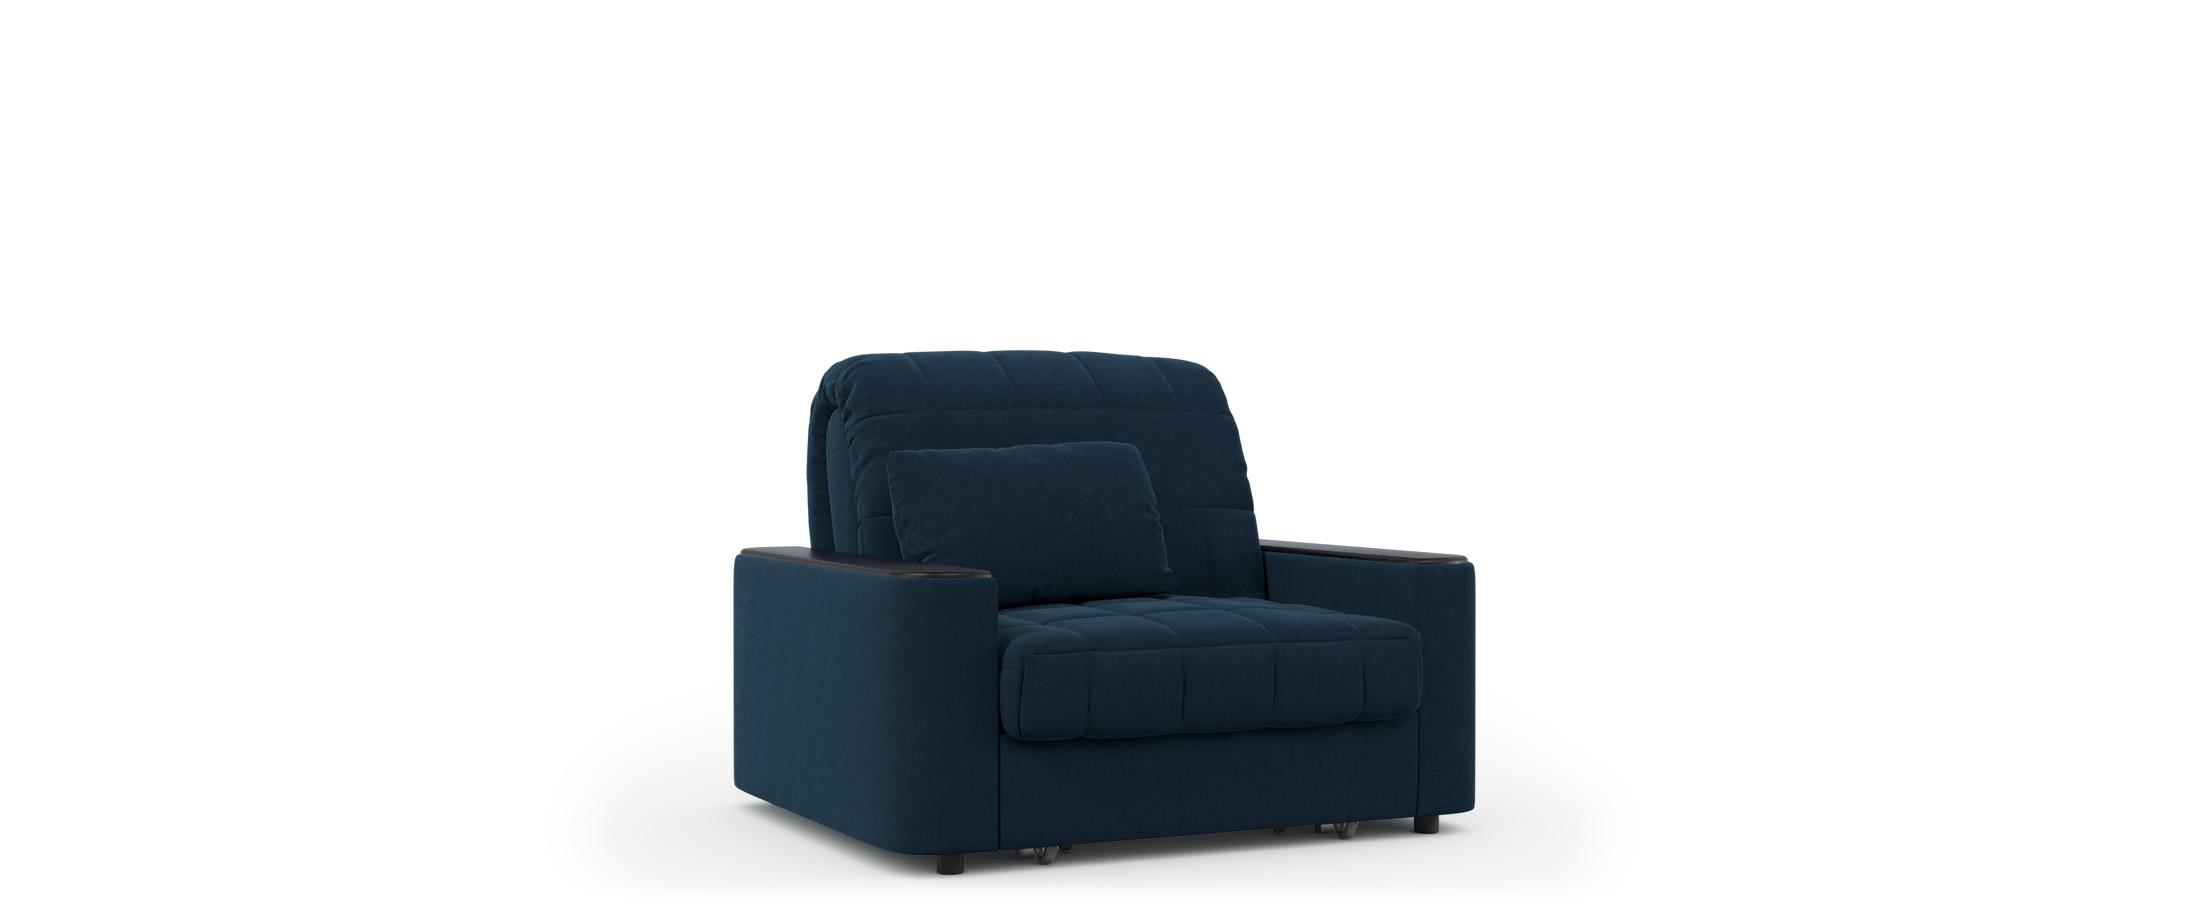 Кресло-кровать Даллас 018 фото